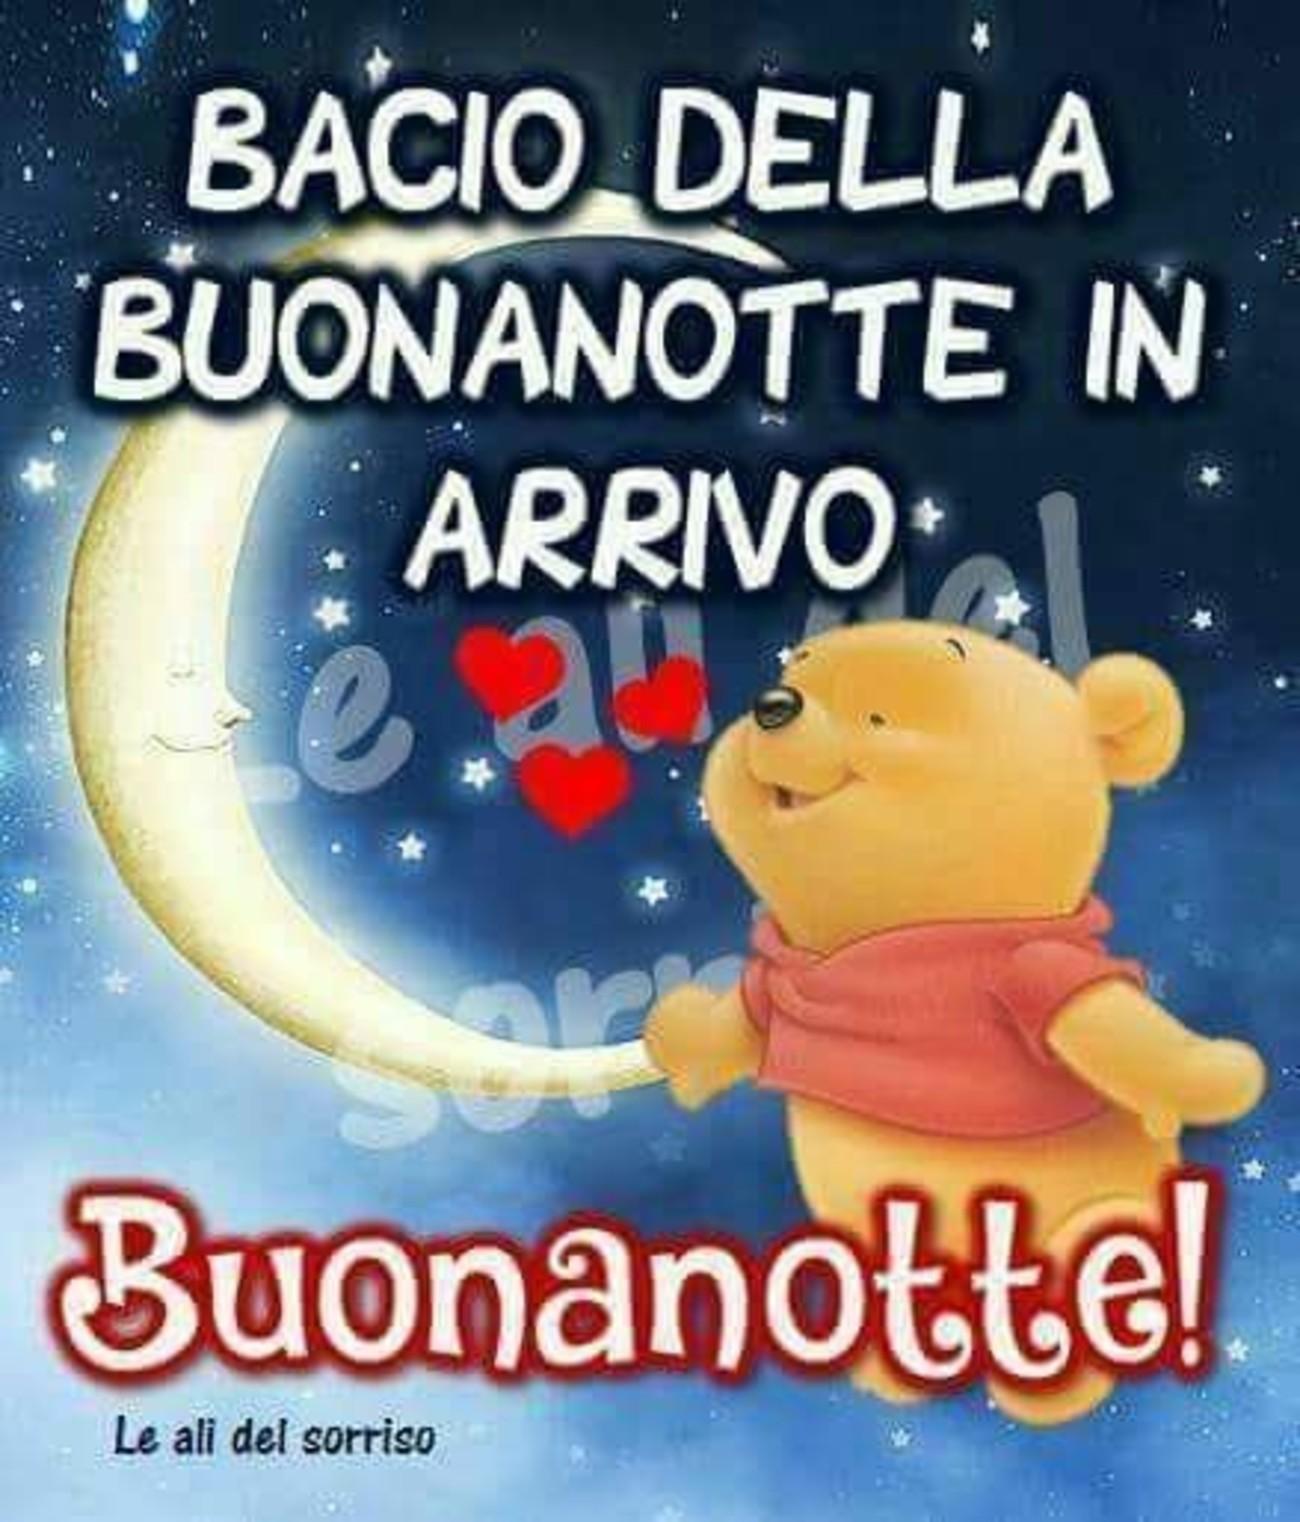 Dolce Buonanotte A Tutti 7 Buongiornoate It